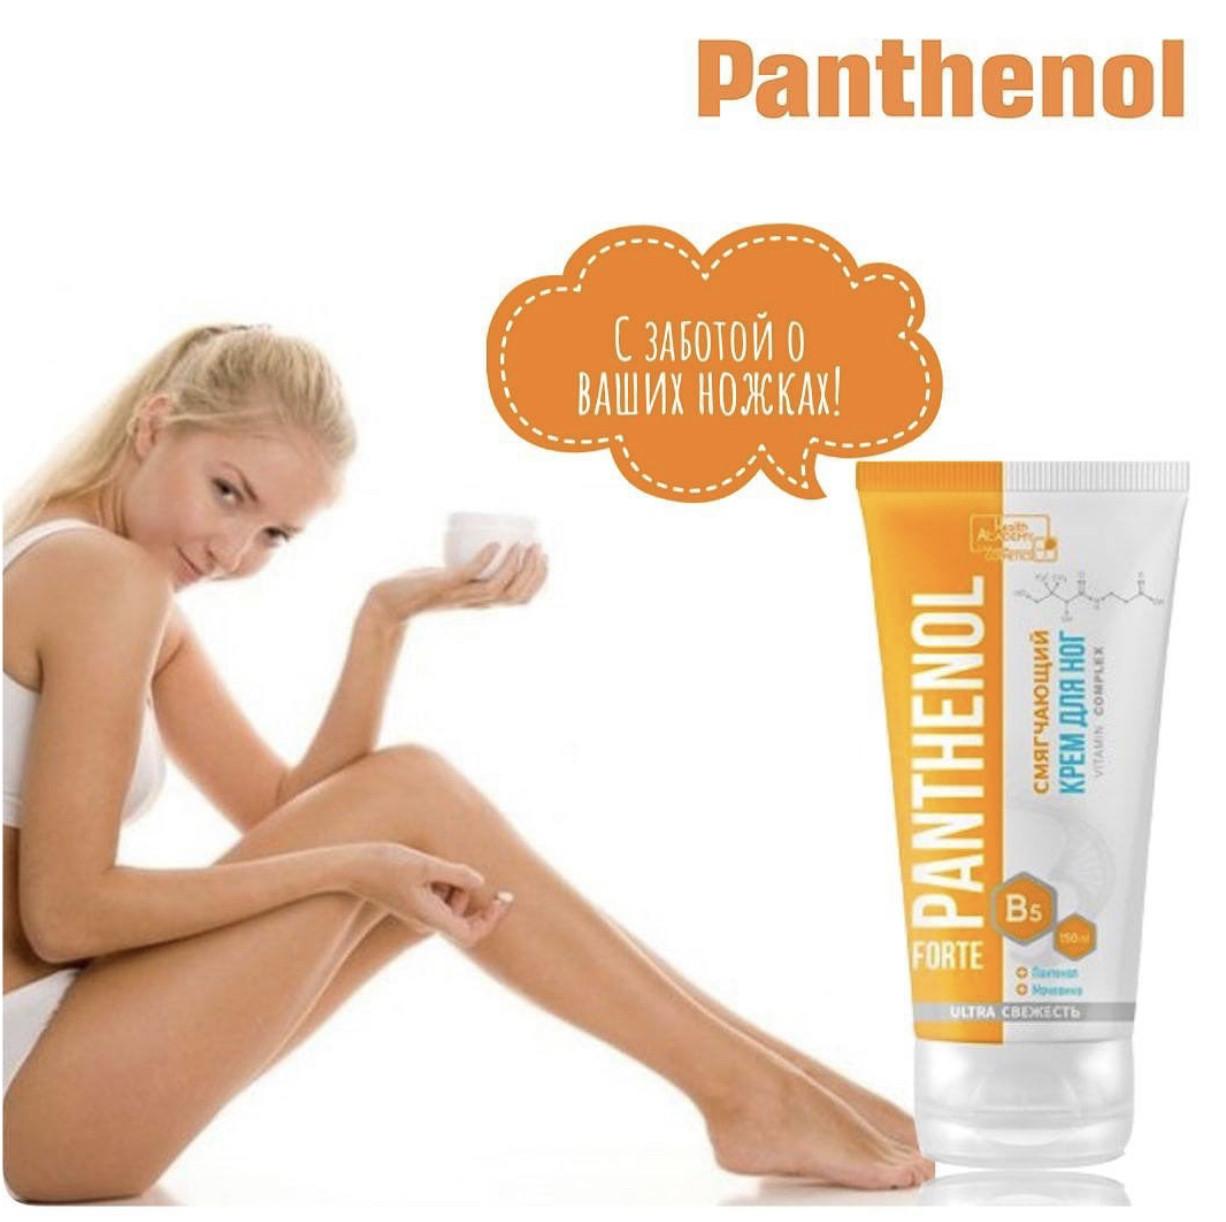 Panthenol смягчающий крем для ног